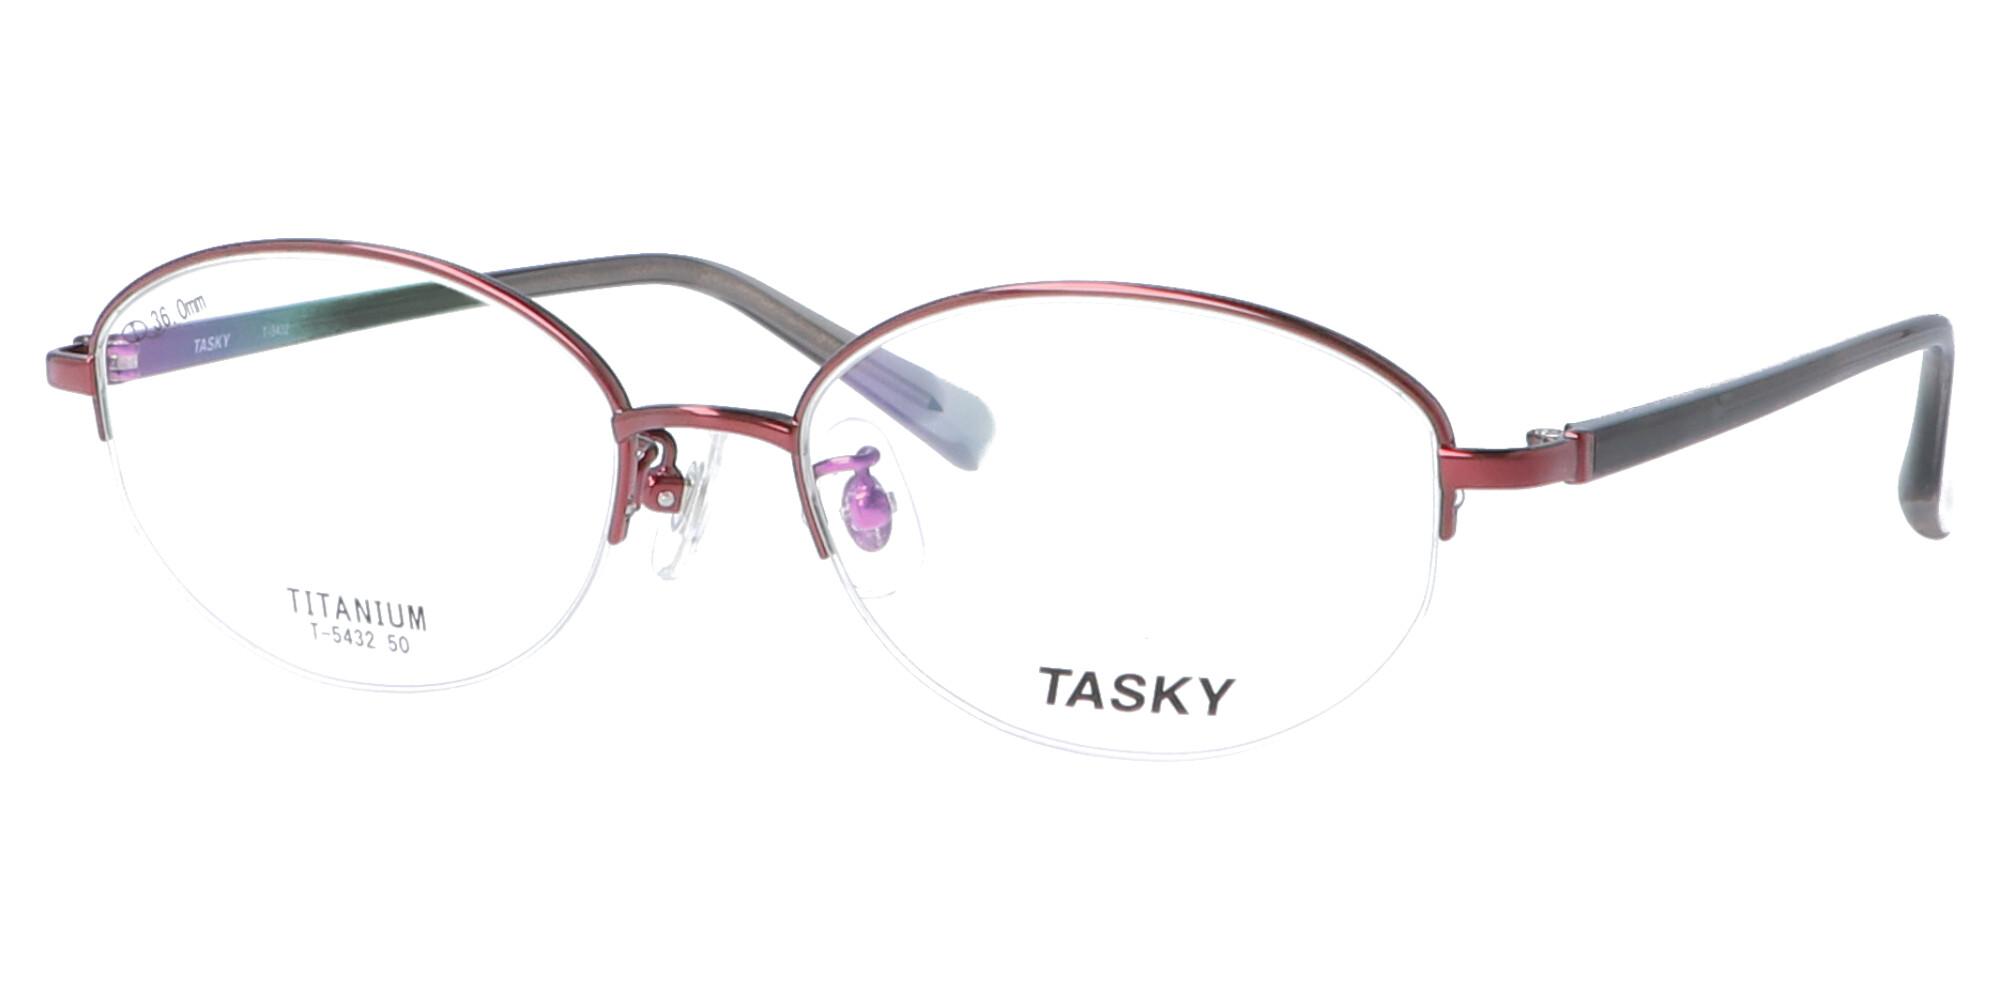 タスキー T5432_50_ワイン